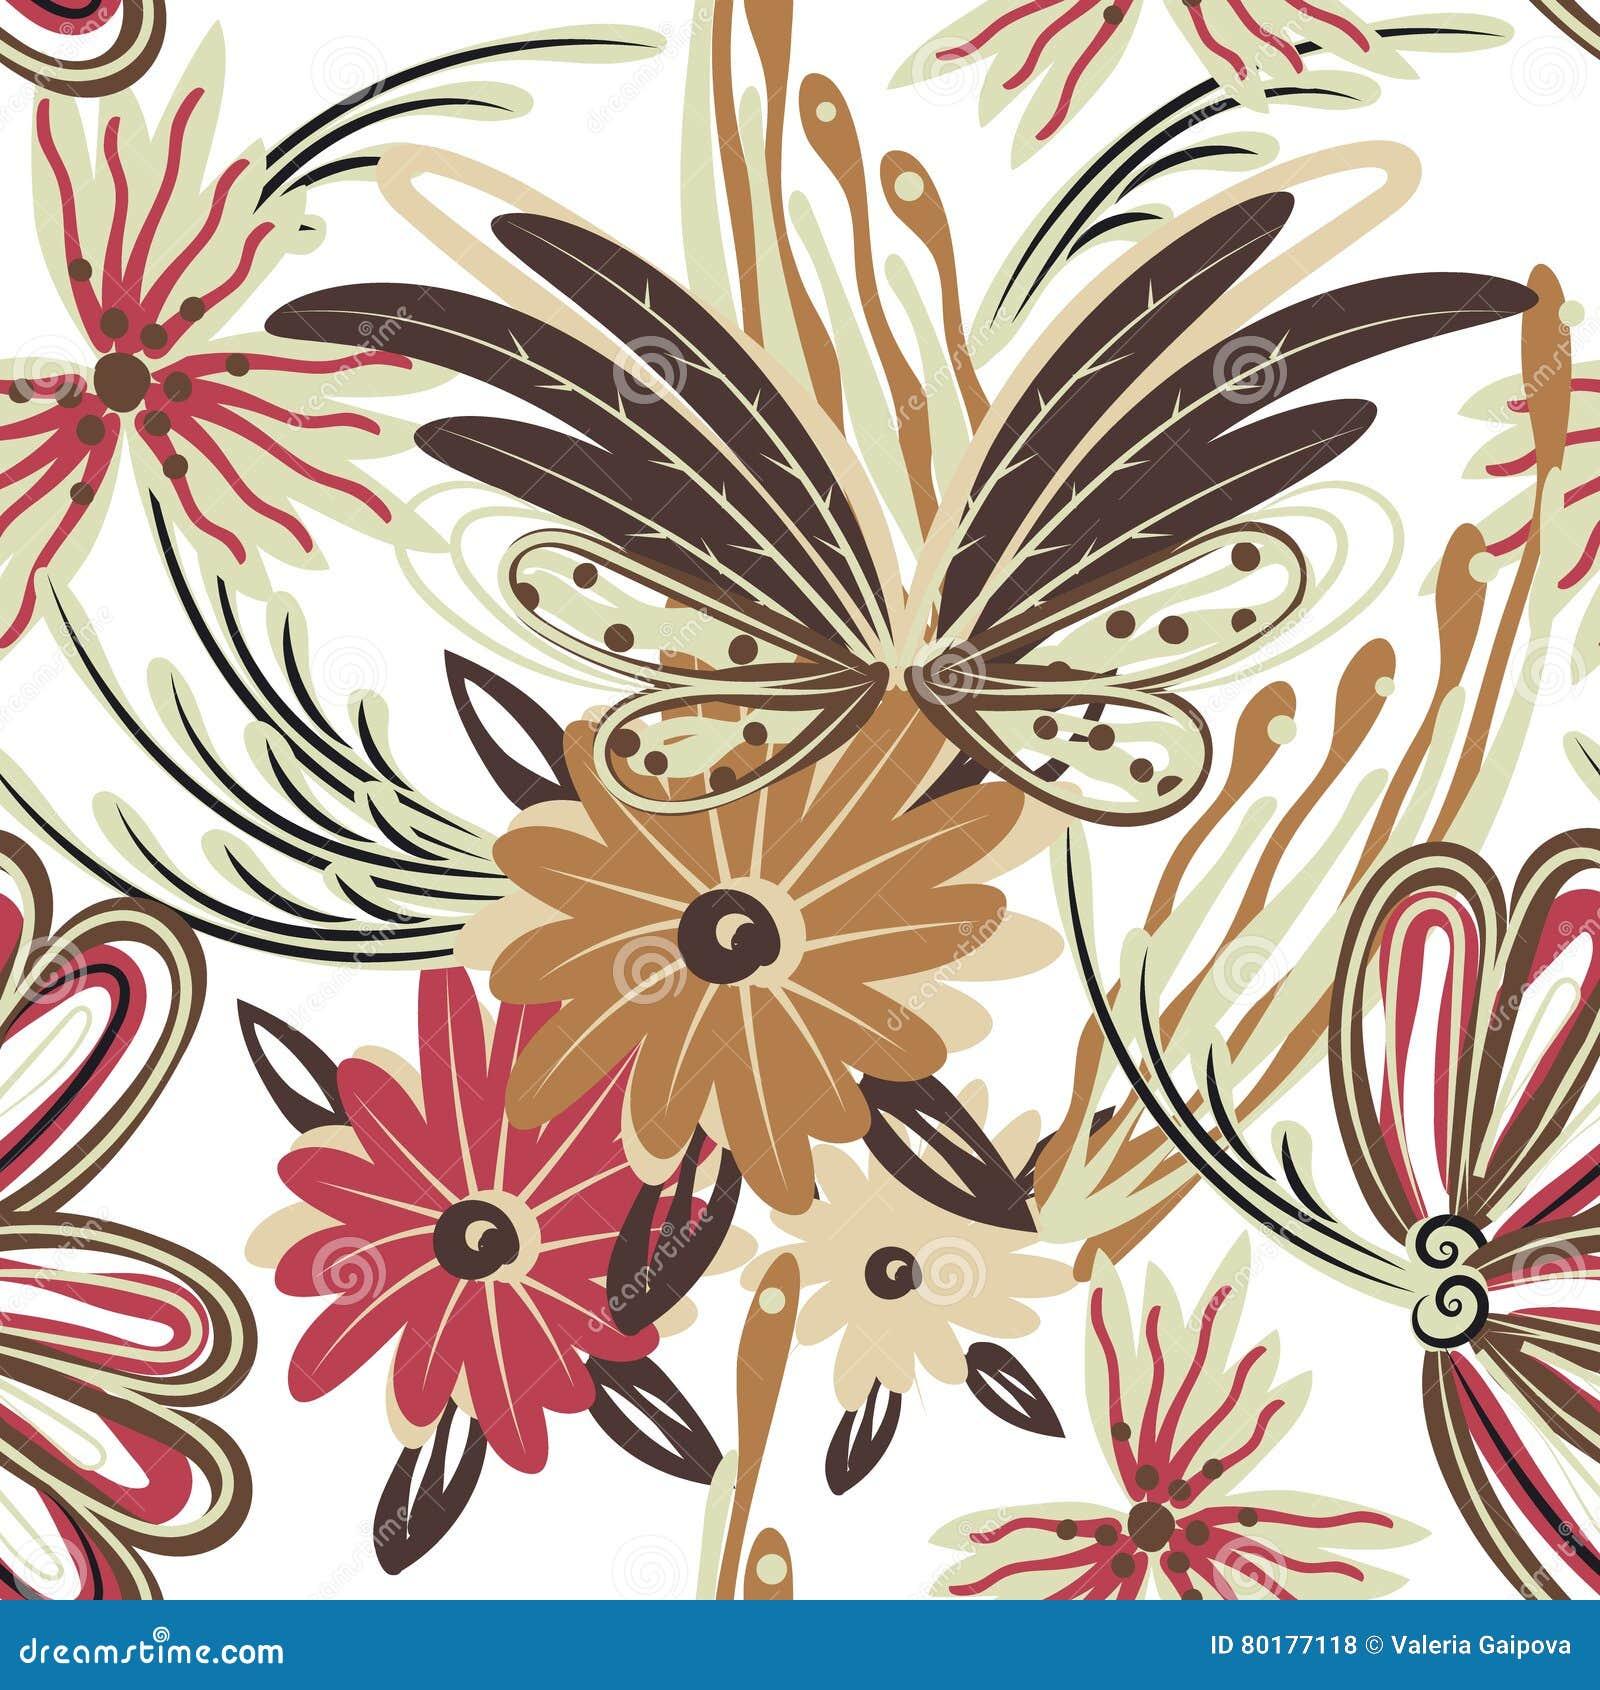 Bloemen naadloos patroon Hand getrokken creatieve bloem Kleurrijke artistieke achtergrond met bloesem Abstract kruid